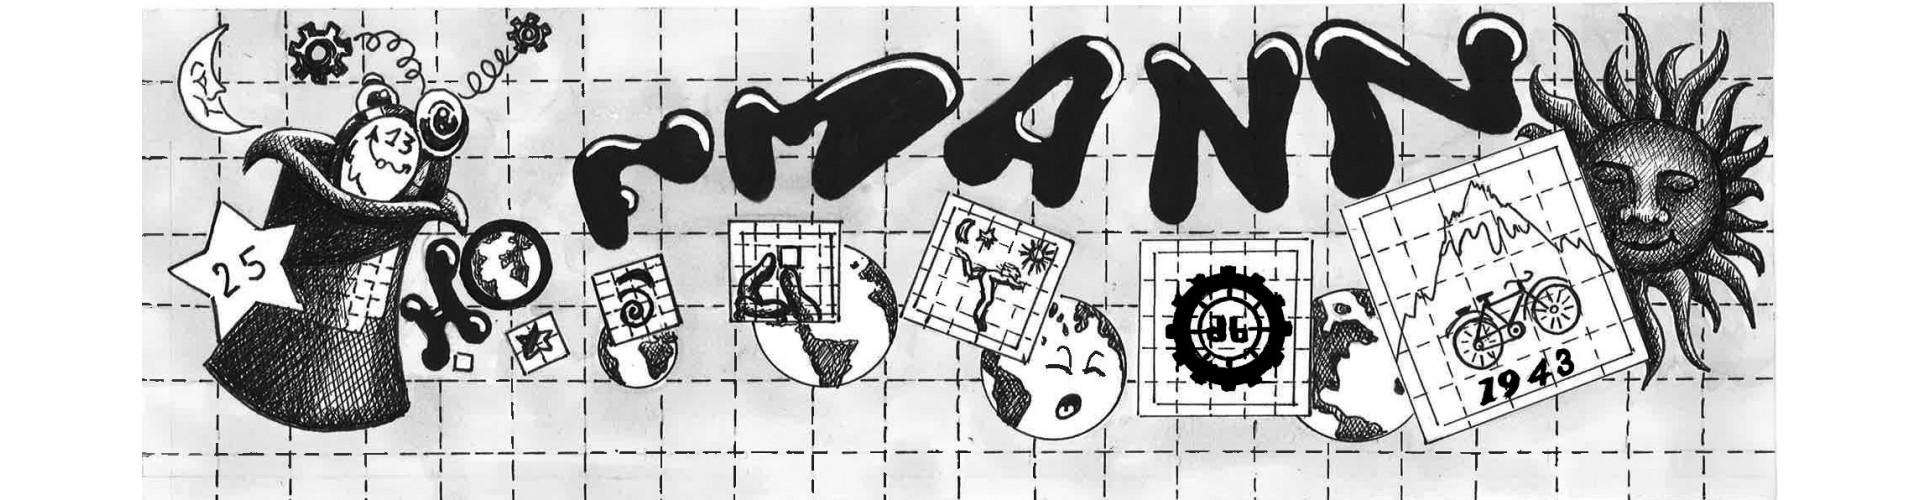 Sweat Hoffman Homme, 1943 LSD, sweat Albert Hofmann chimiste